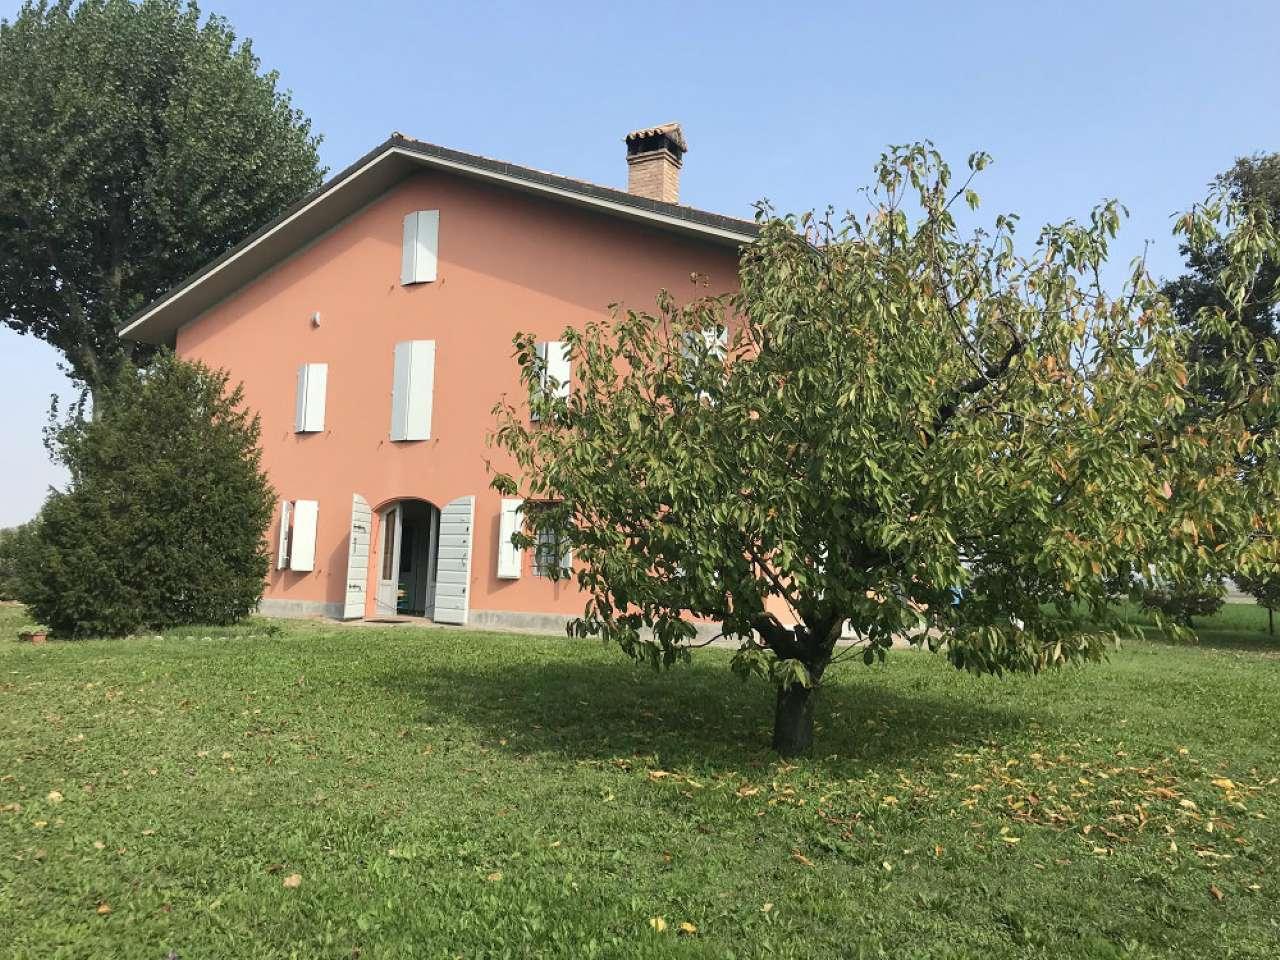 Villa in vendita a Castello d'Argile, 6 locali, prezzo € 450.000 | CambioCasa.it